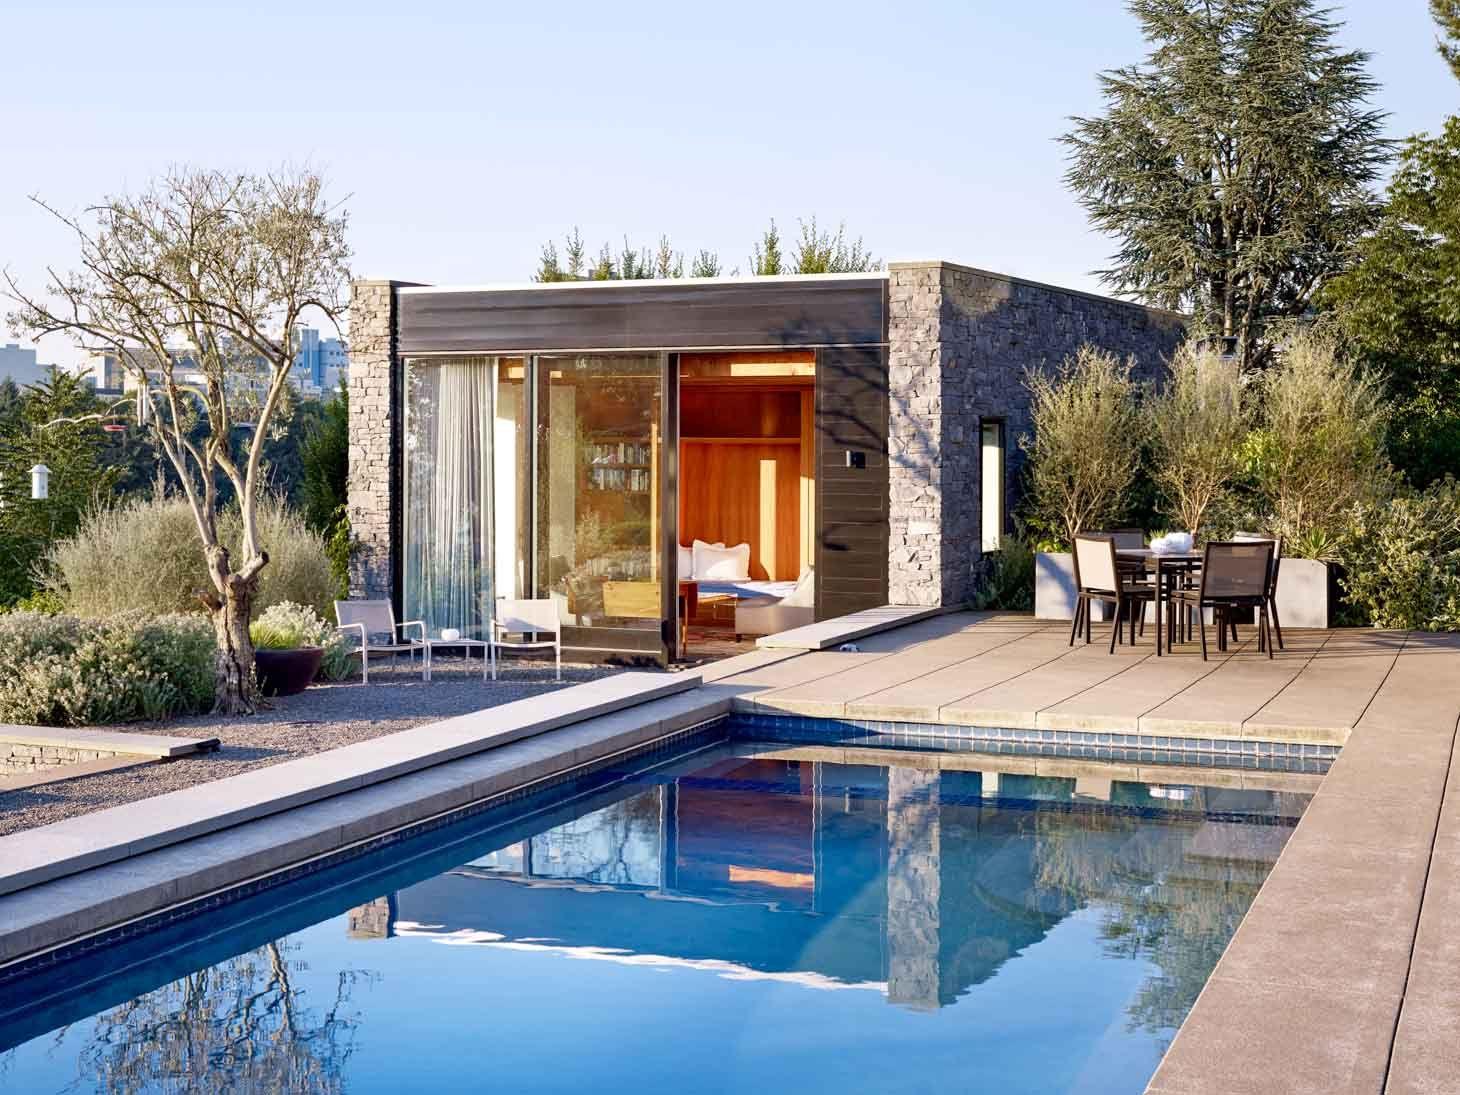 Architettura Case Moderne Idee jeremy bittermann photography portland heights residence